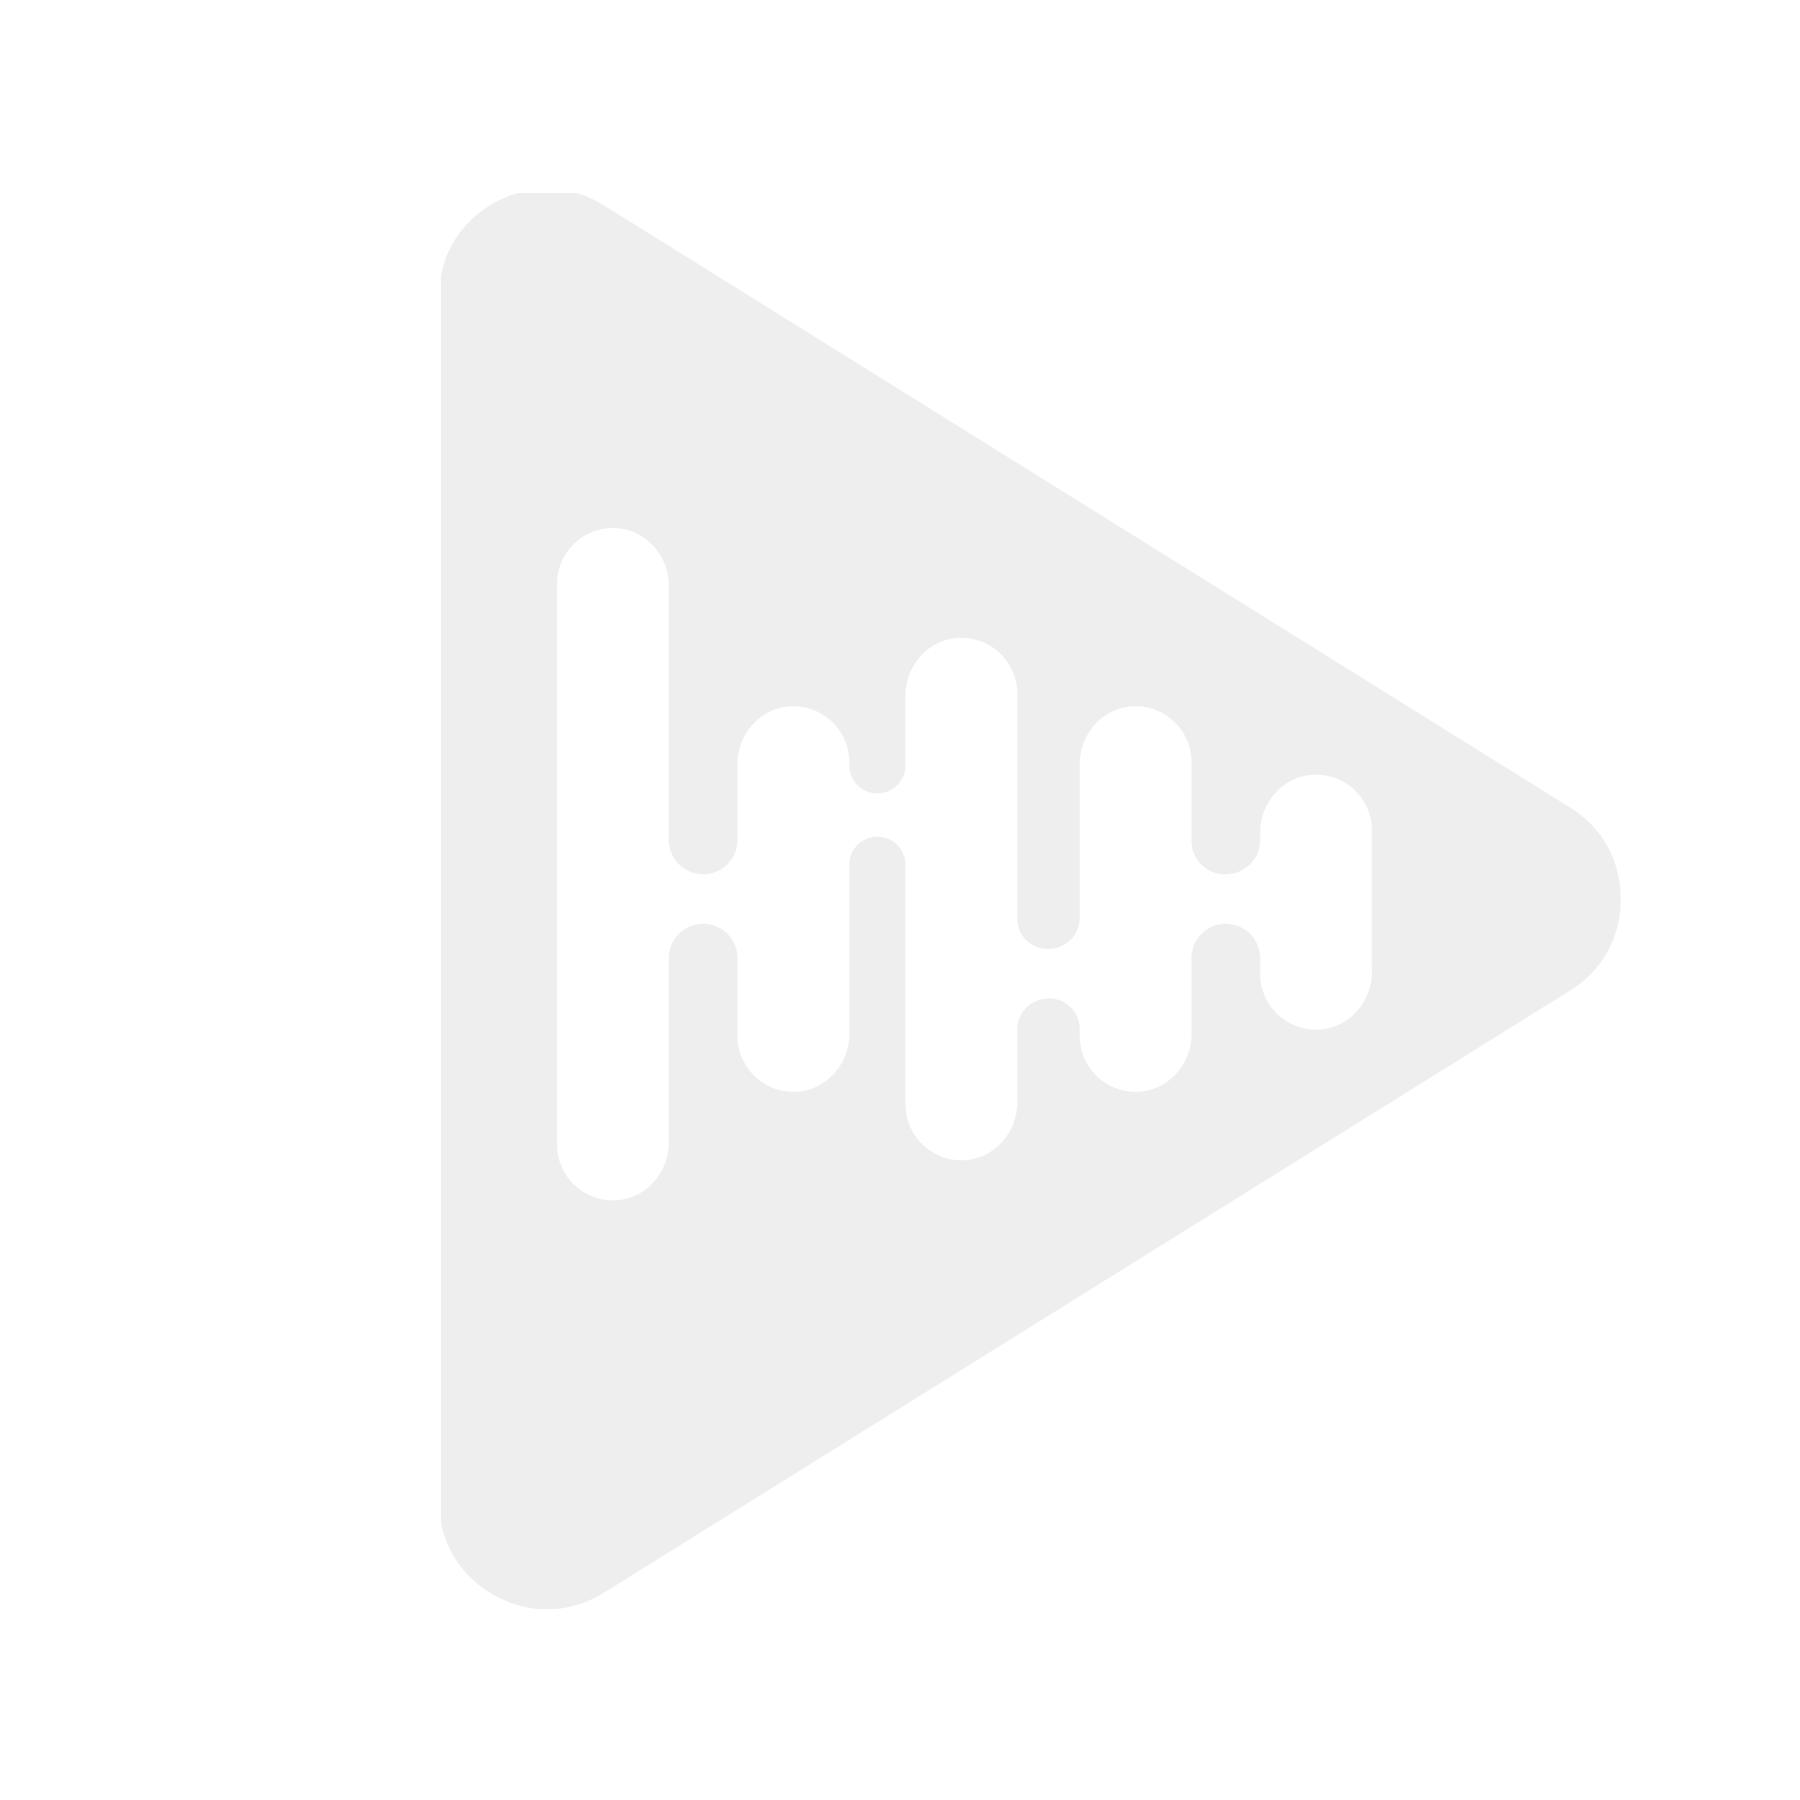 Grandview 148781 - Motor lerret Cyber, 77